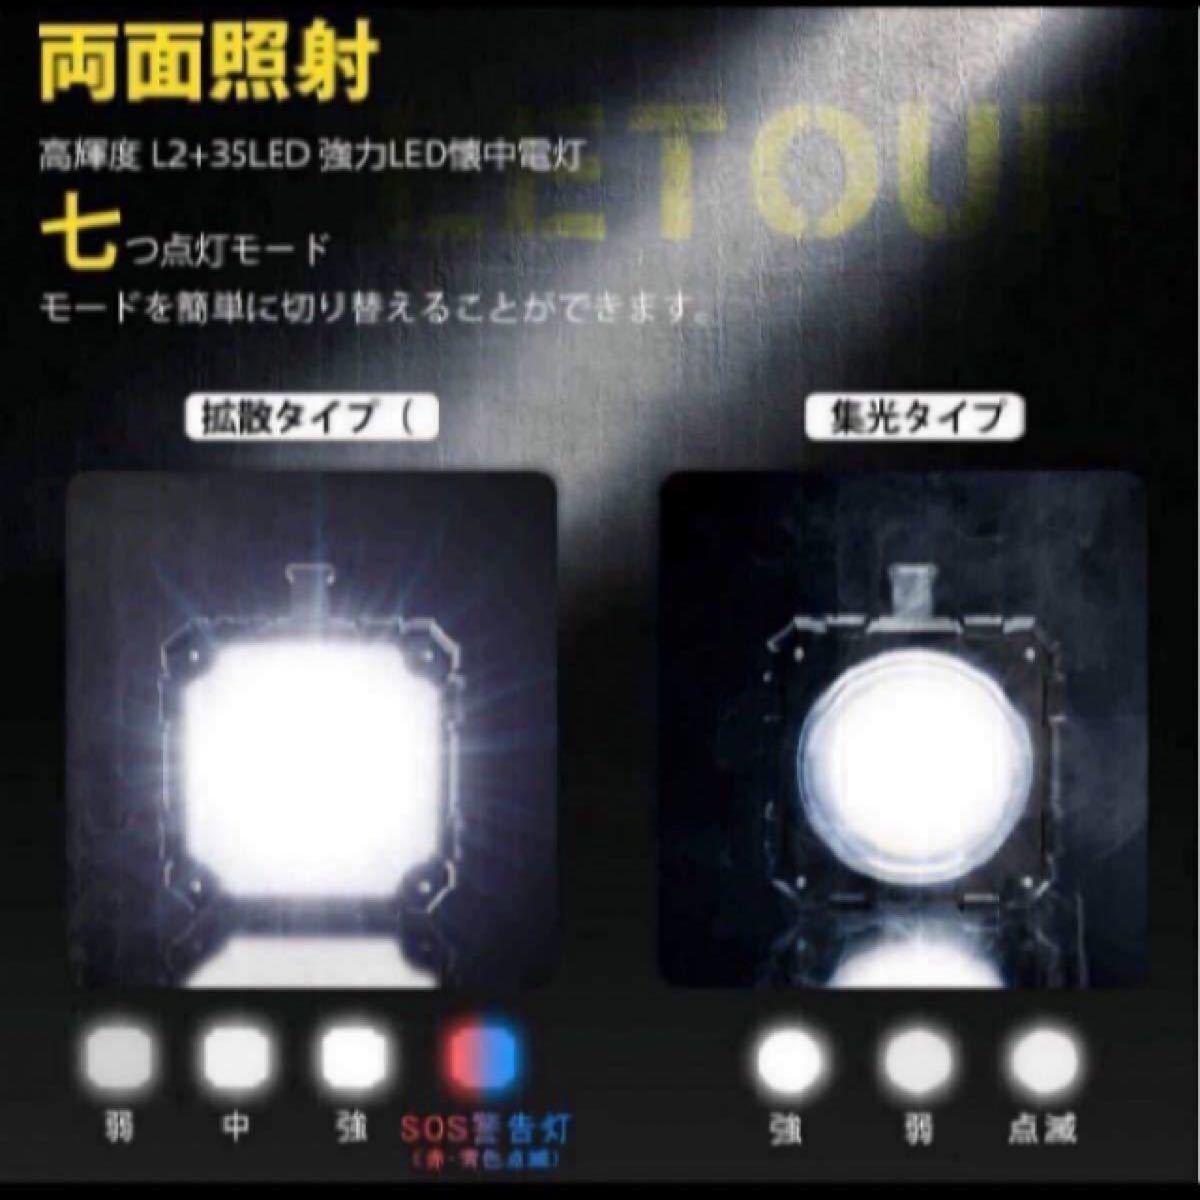 懐中電灯 led 強力 最強 超高輝度 6000ルーメンサーチライト 7モード調光 一台3役 usb充電式給電 防水 ハンドル付き